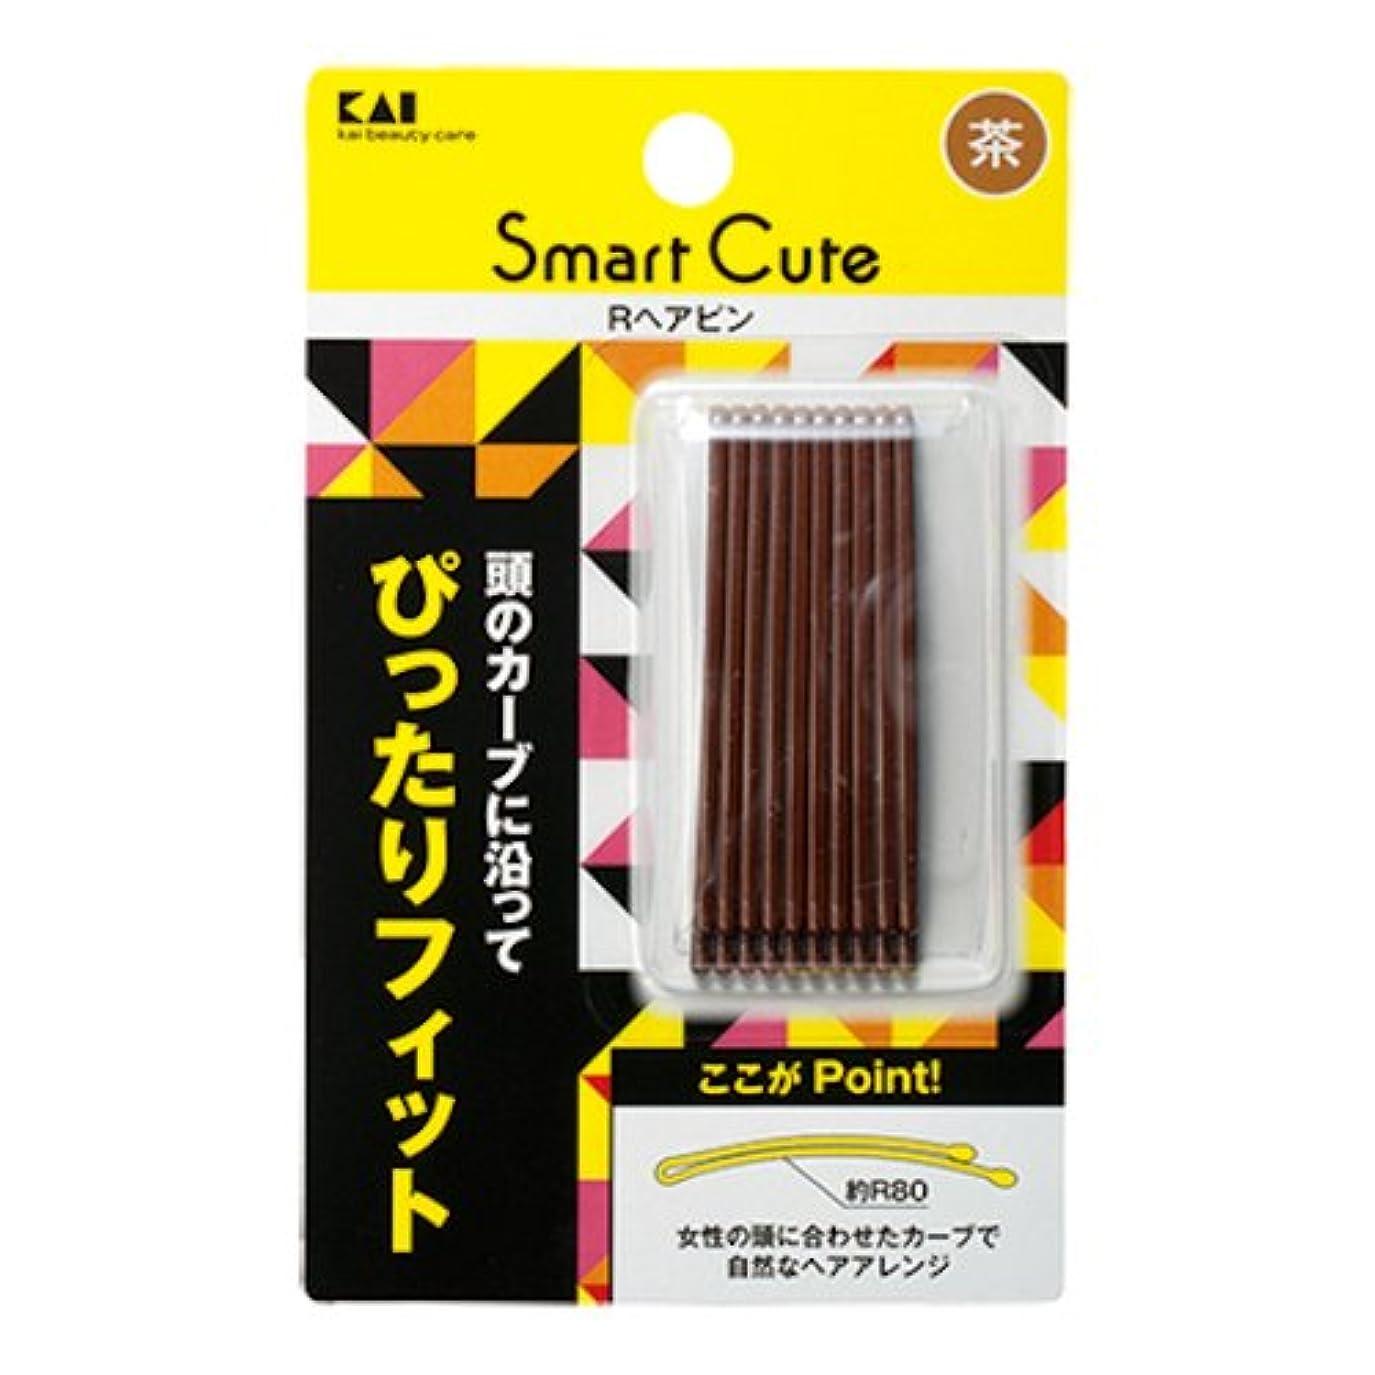 セブンハグ背骨KAI Smart Cute Rヘアピン HC3333 茶